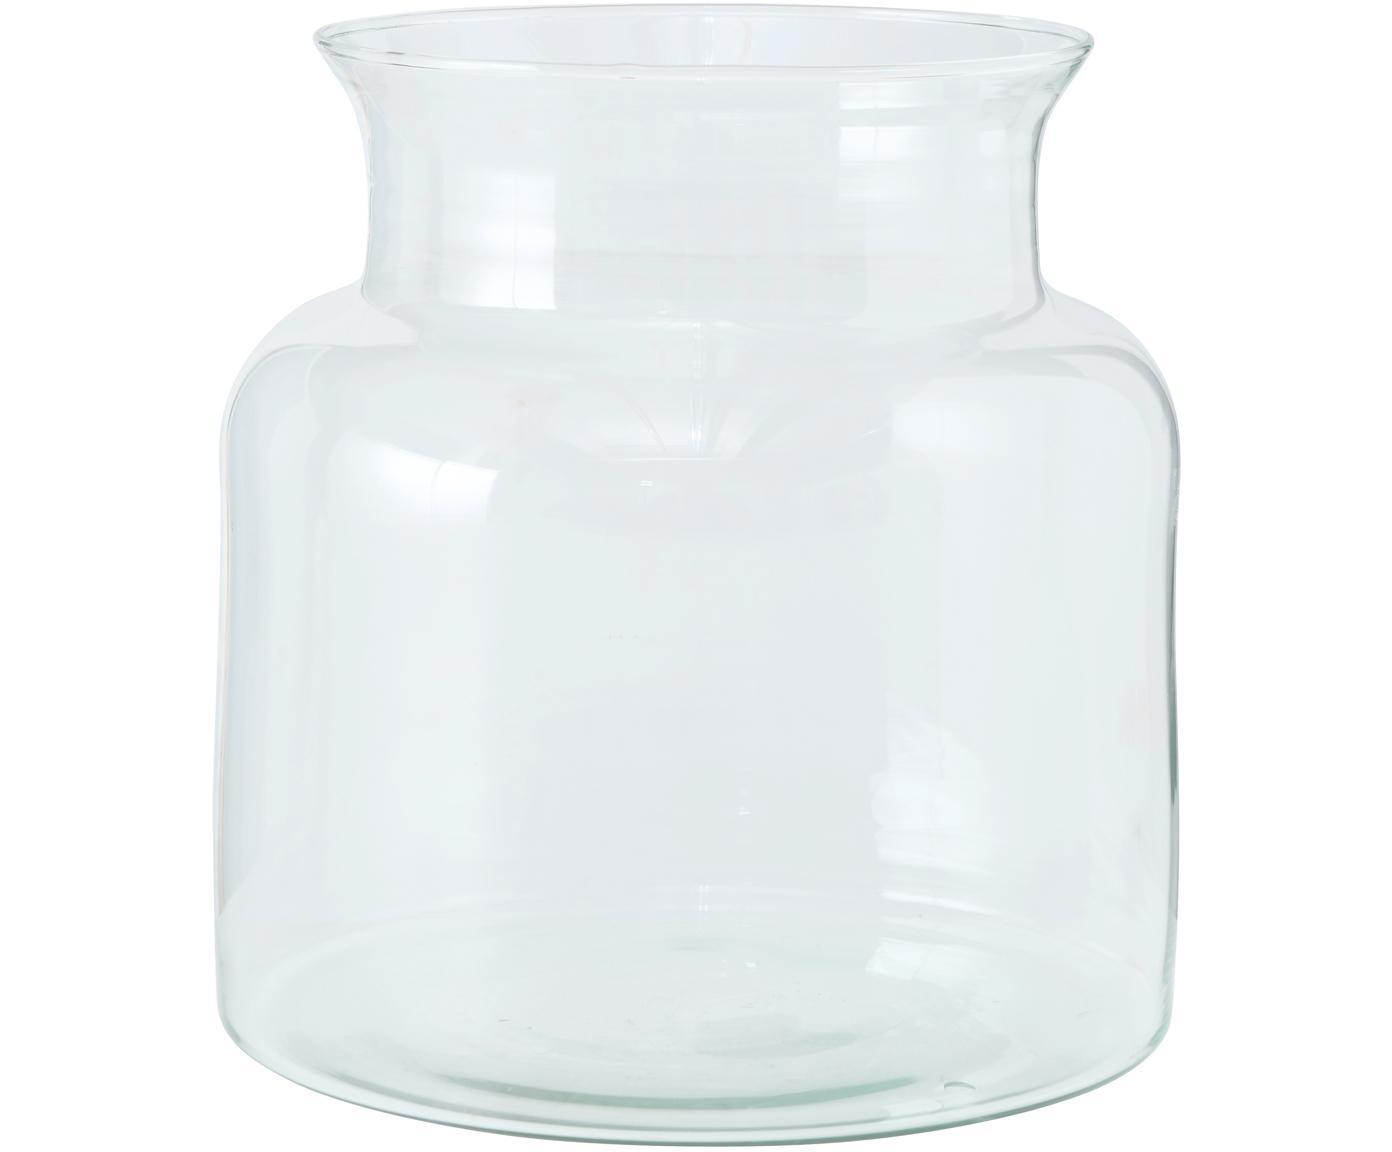 Jarrón artesanal de vidrio reciclado Eco, Vidrio reciclado, Transparente, Ø 18 x Al 20 cm